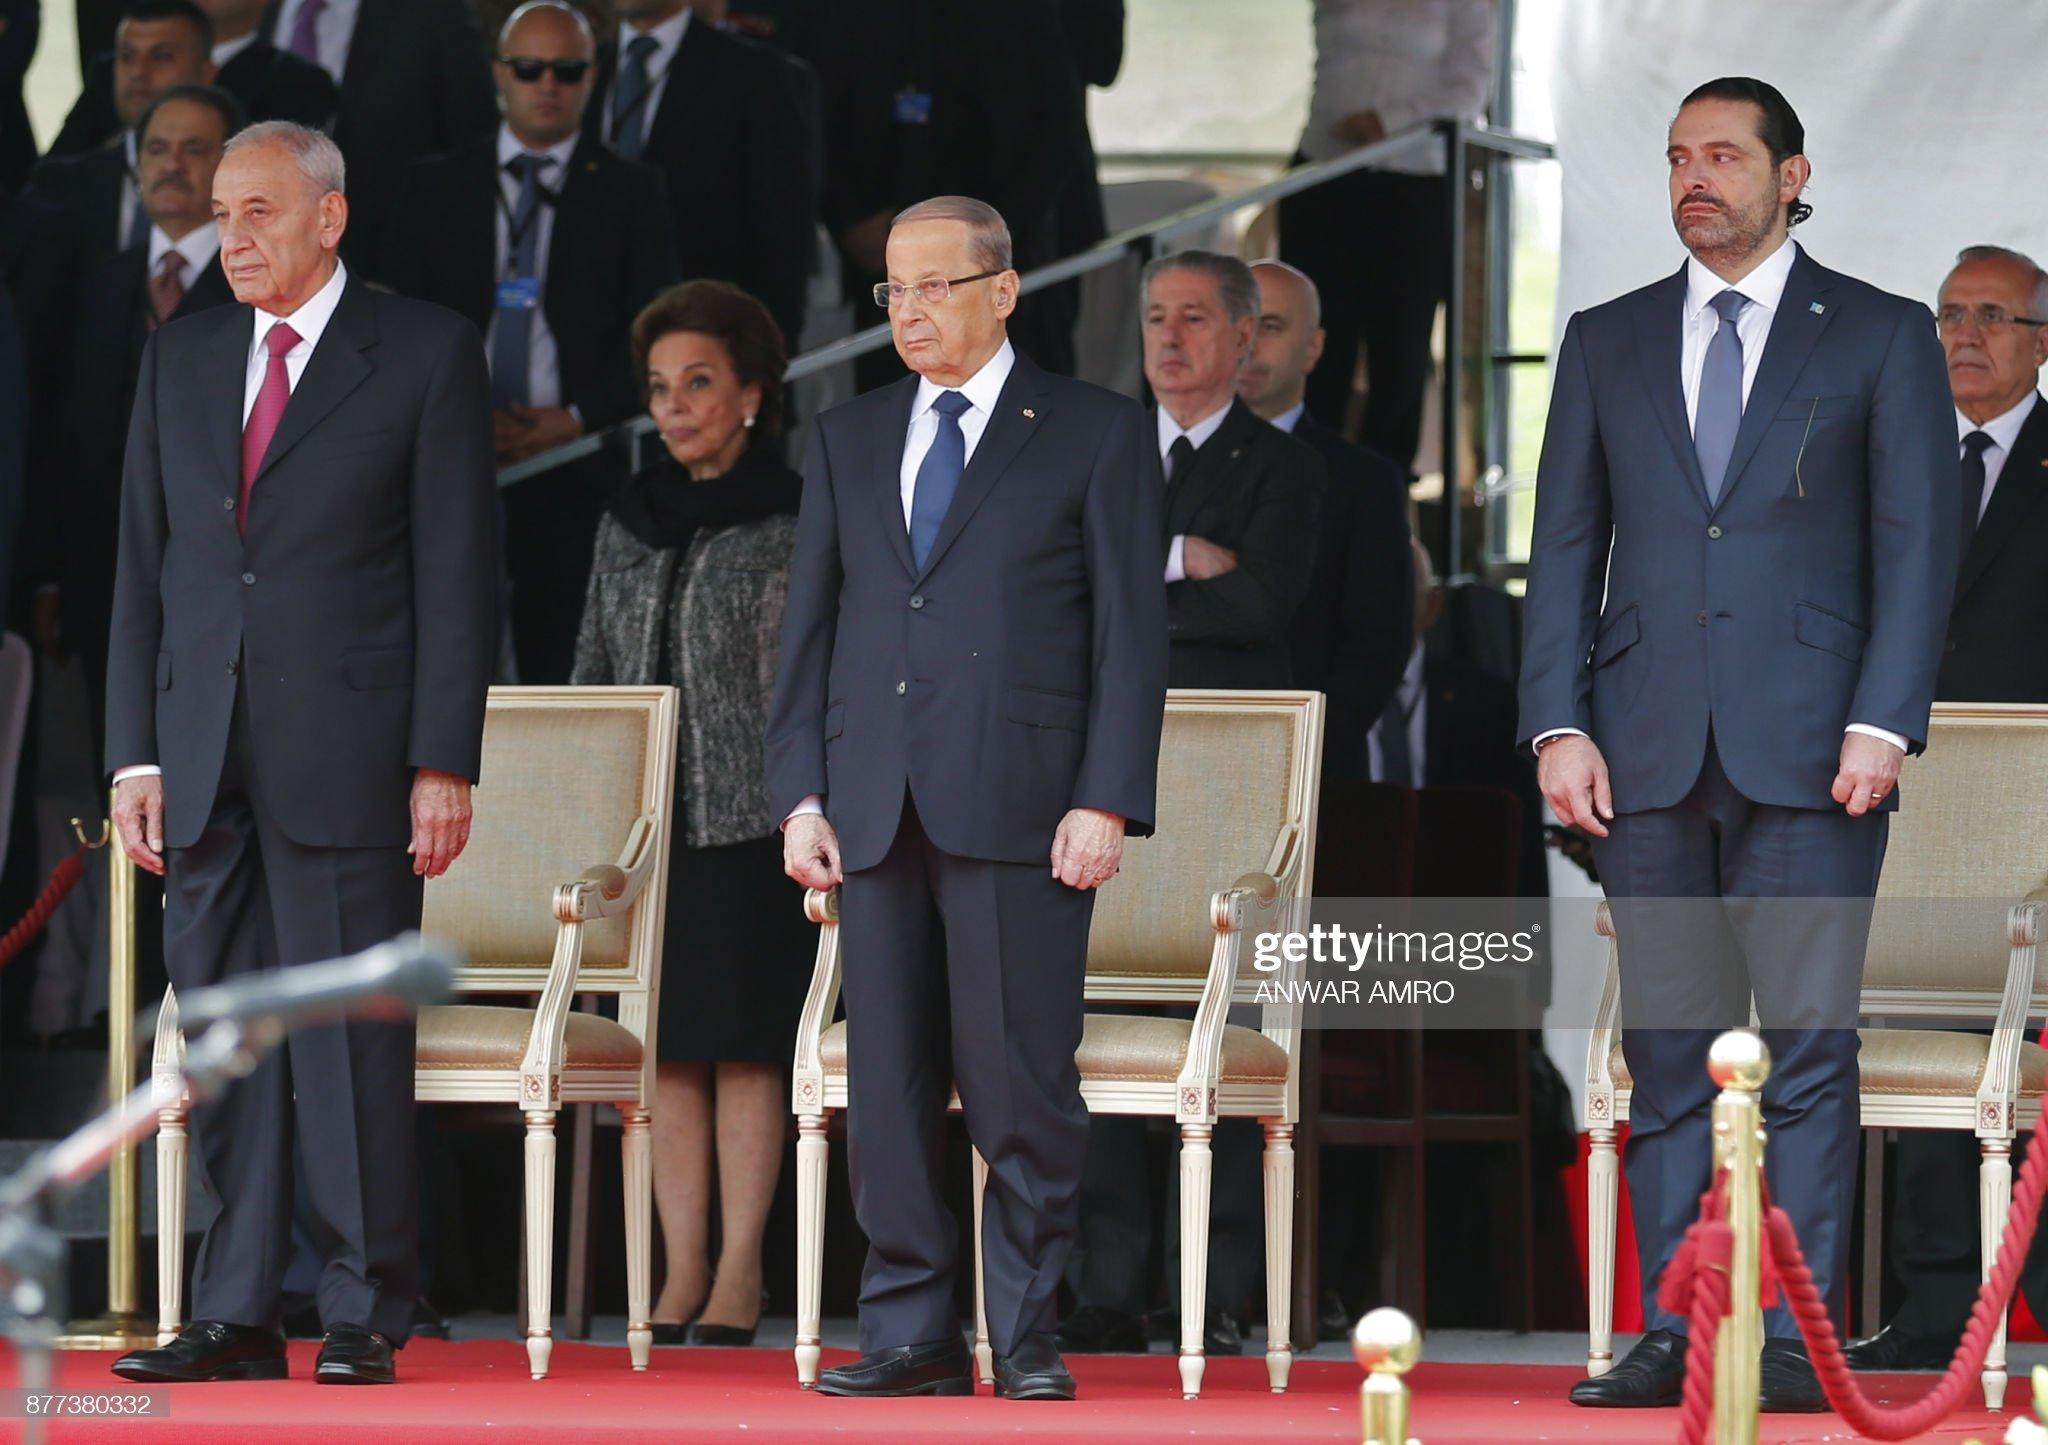 عائلات تترأس السلطة وتتهرب من الضرائب.. من الذين انتفض ضدهم الشعب اللبناني؟